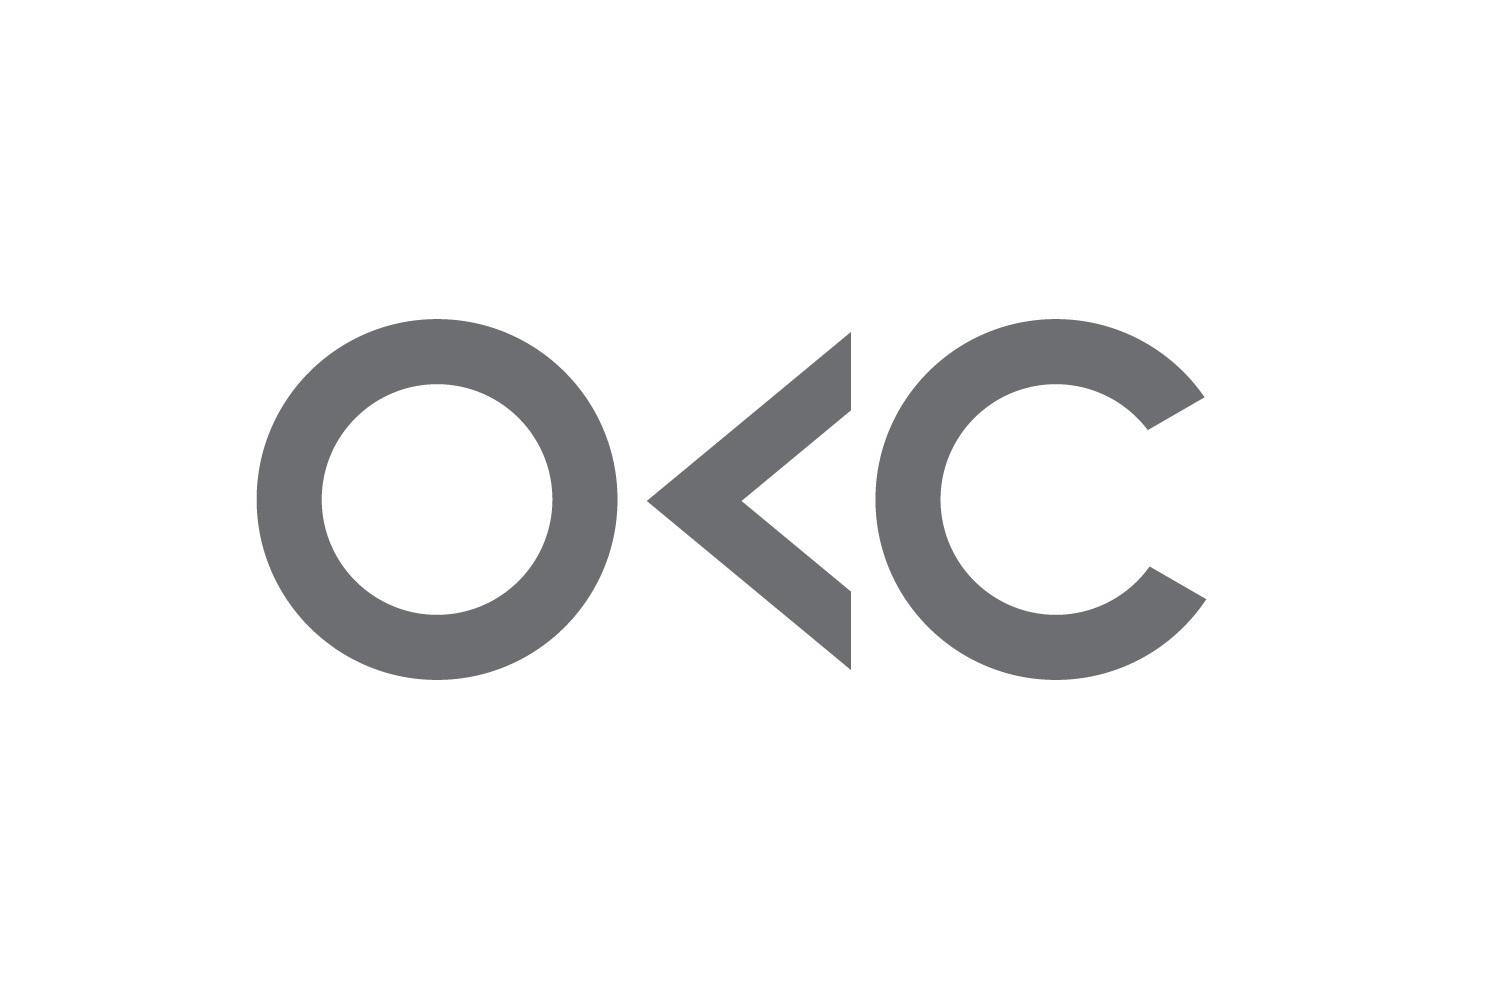 OKC-01.jpg